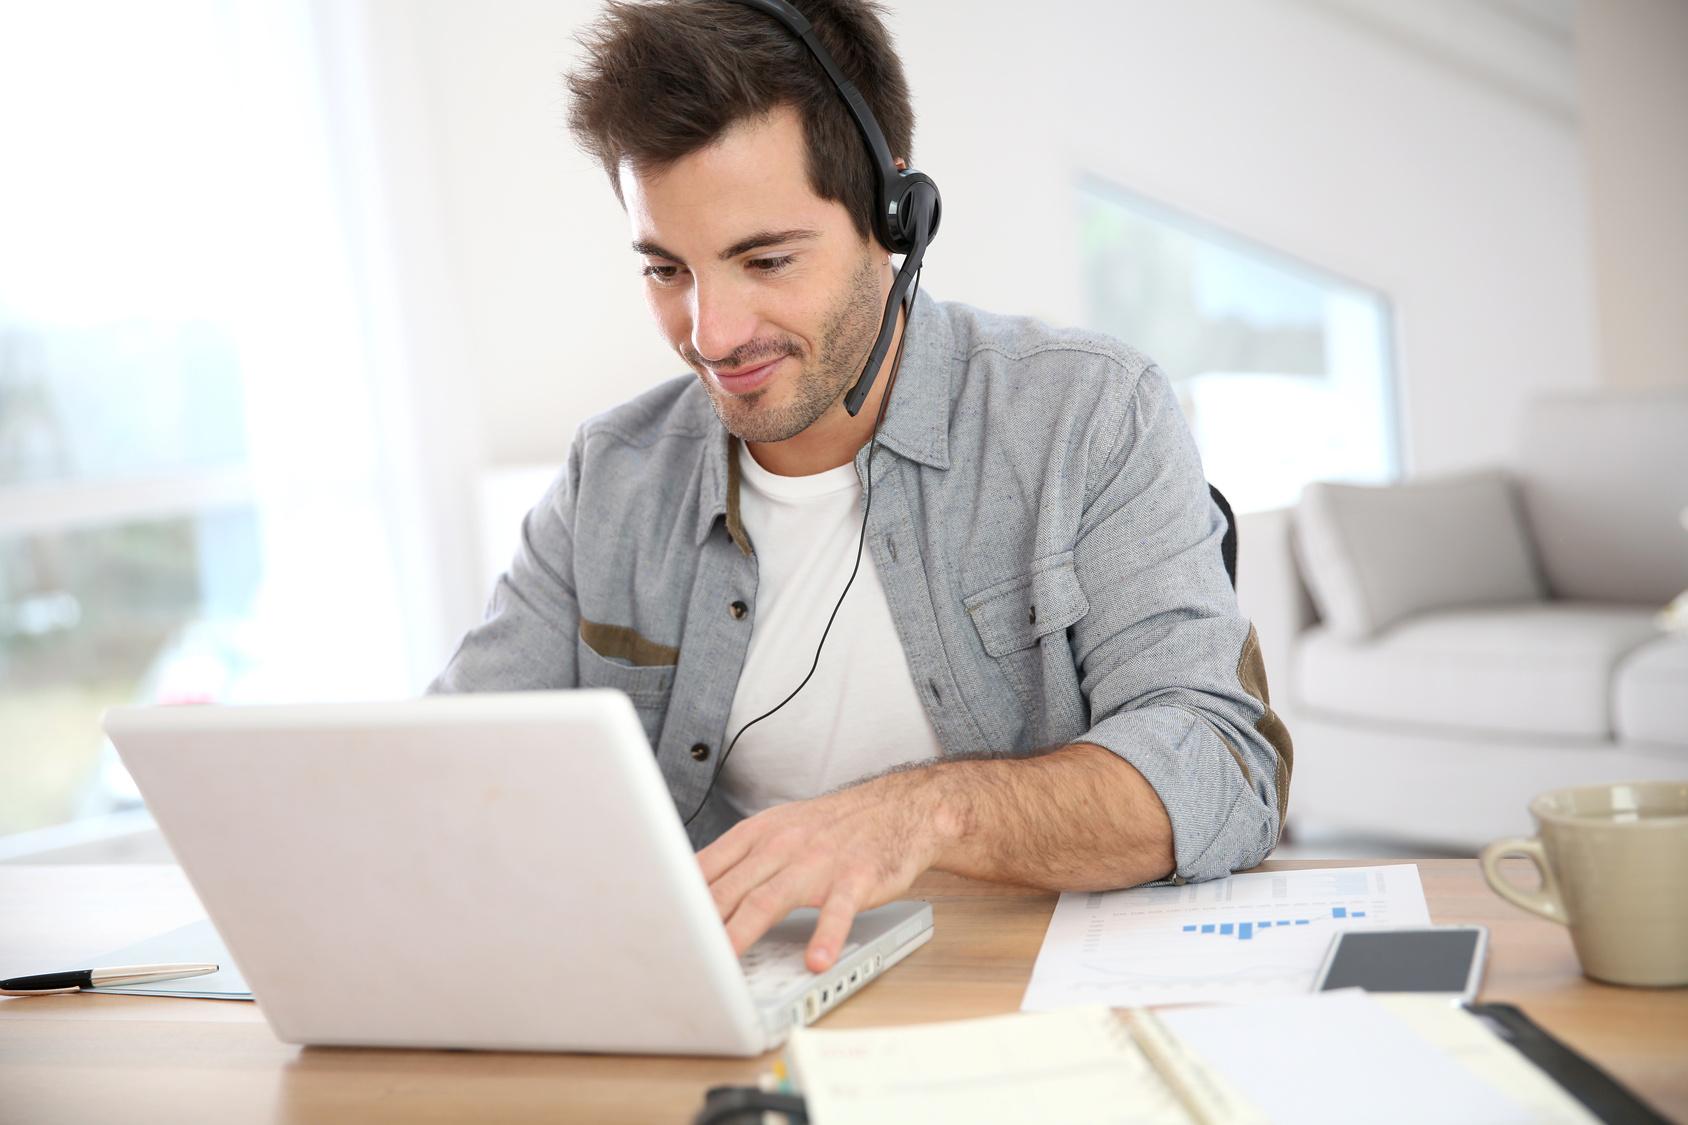 Удаленная работа английский язык онлайн работа в рекламе удаленно